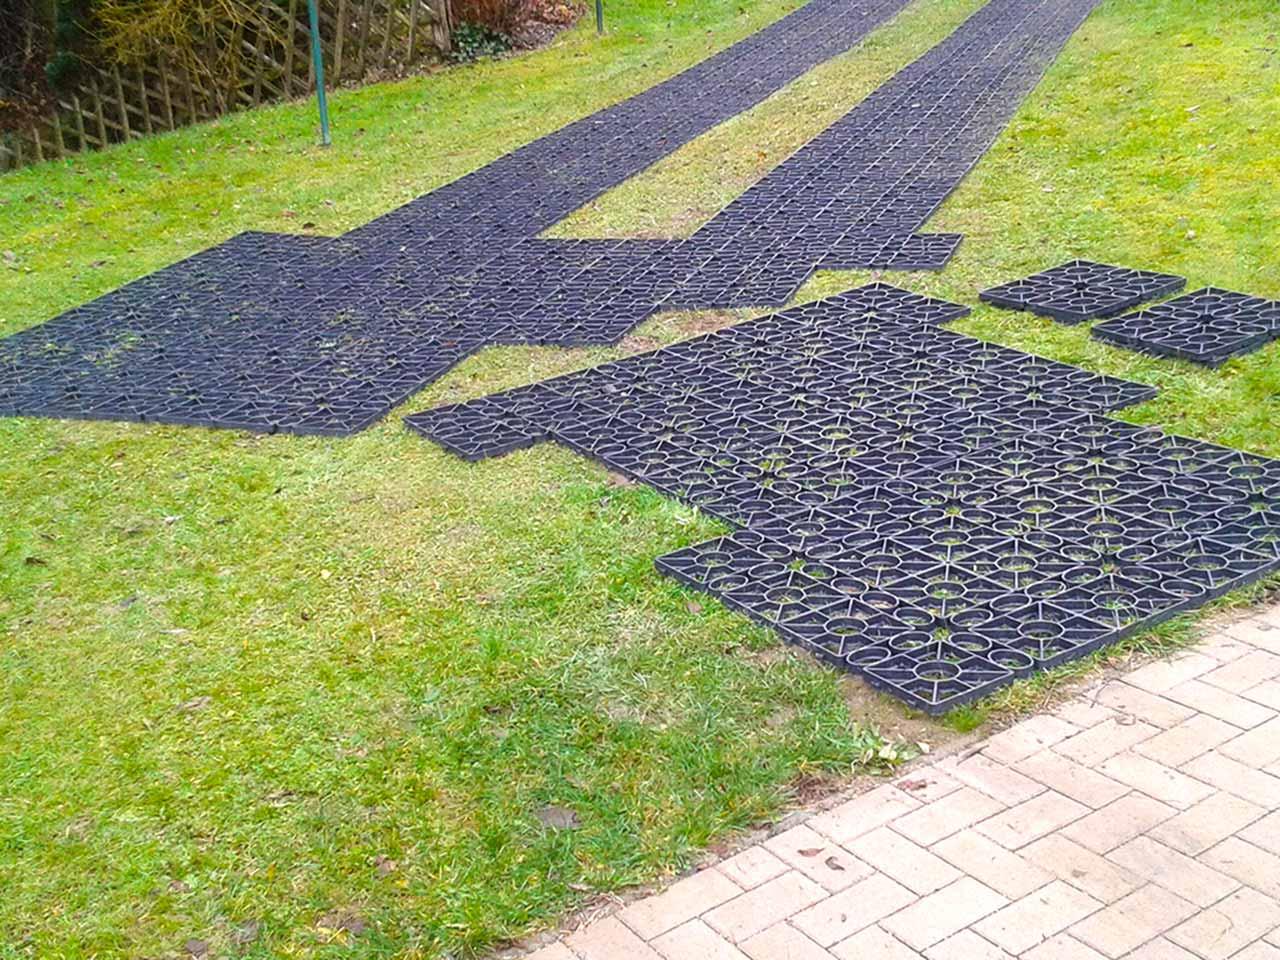 Extrem Rasengitter RG24 ohne Unterbau direkt auf Rasen Verlegen | securatek UY49